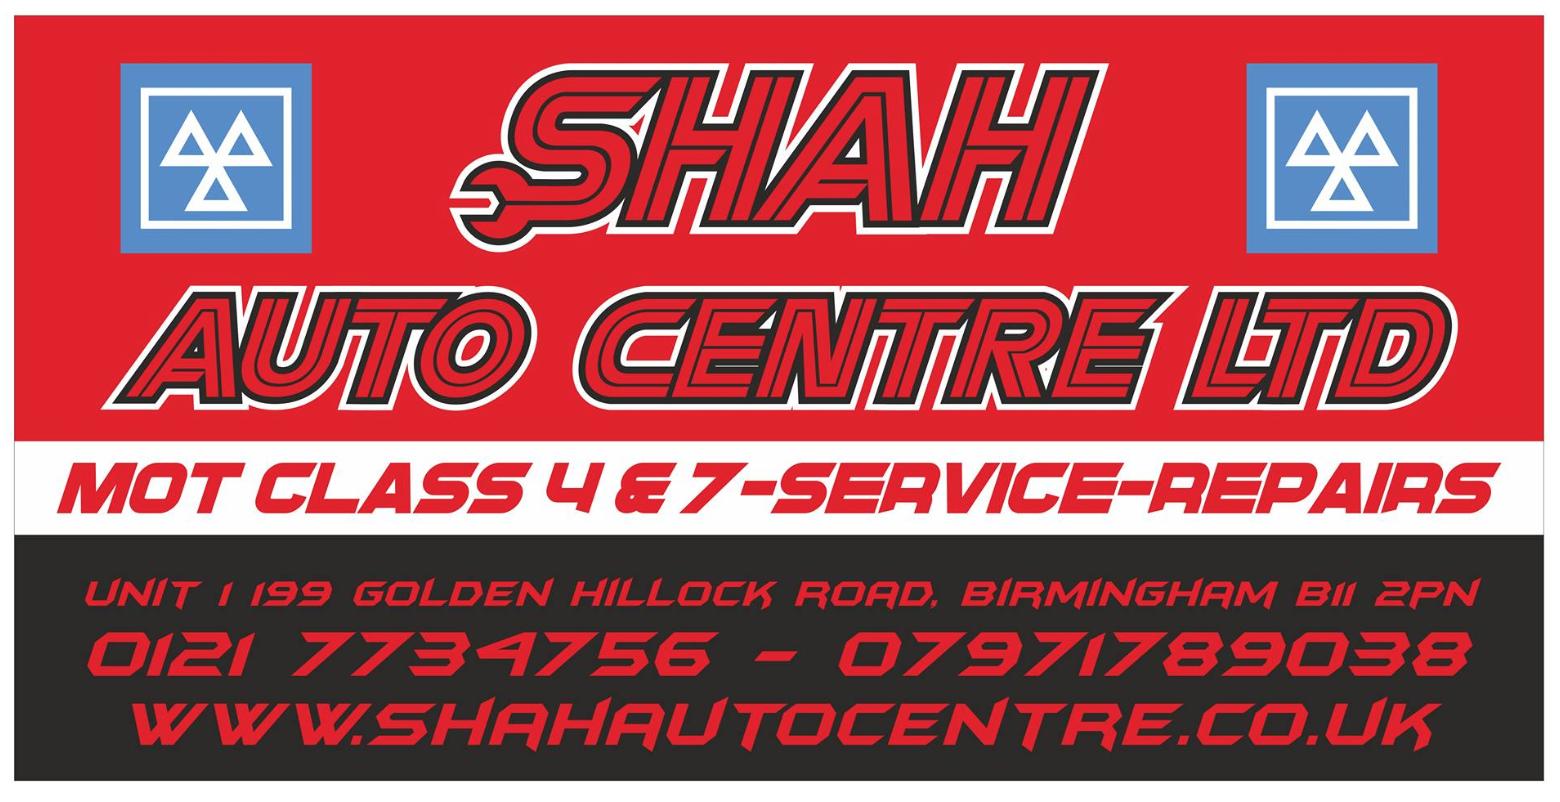 Shah Auto Centre logo